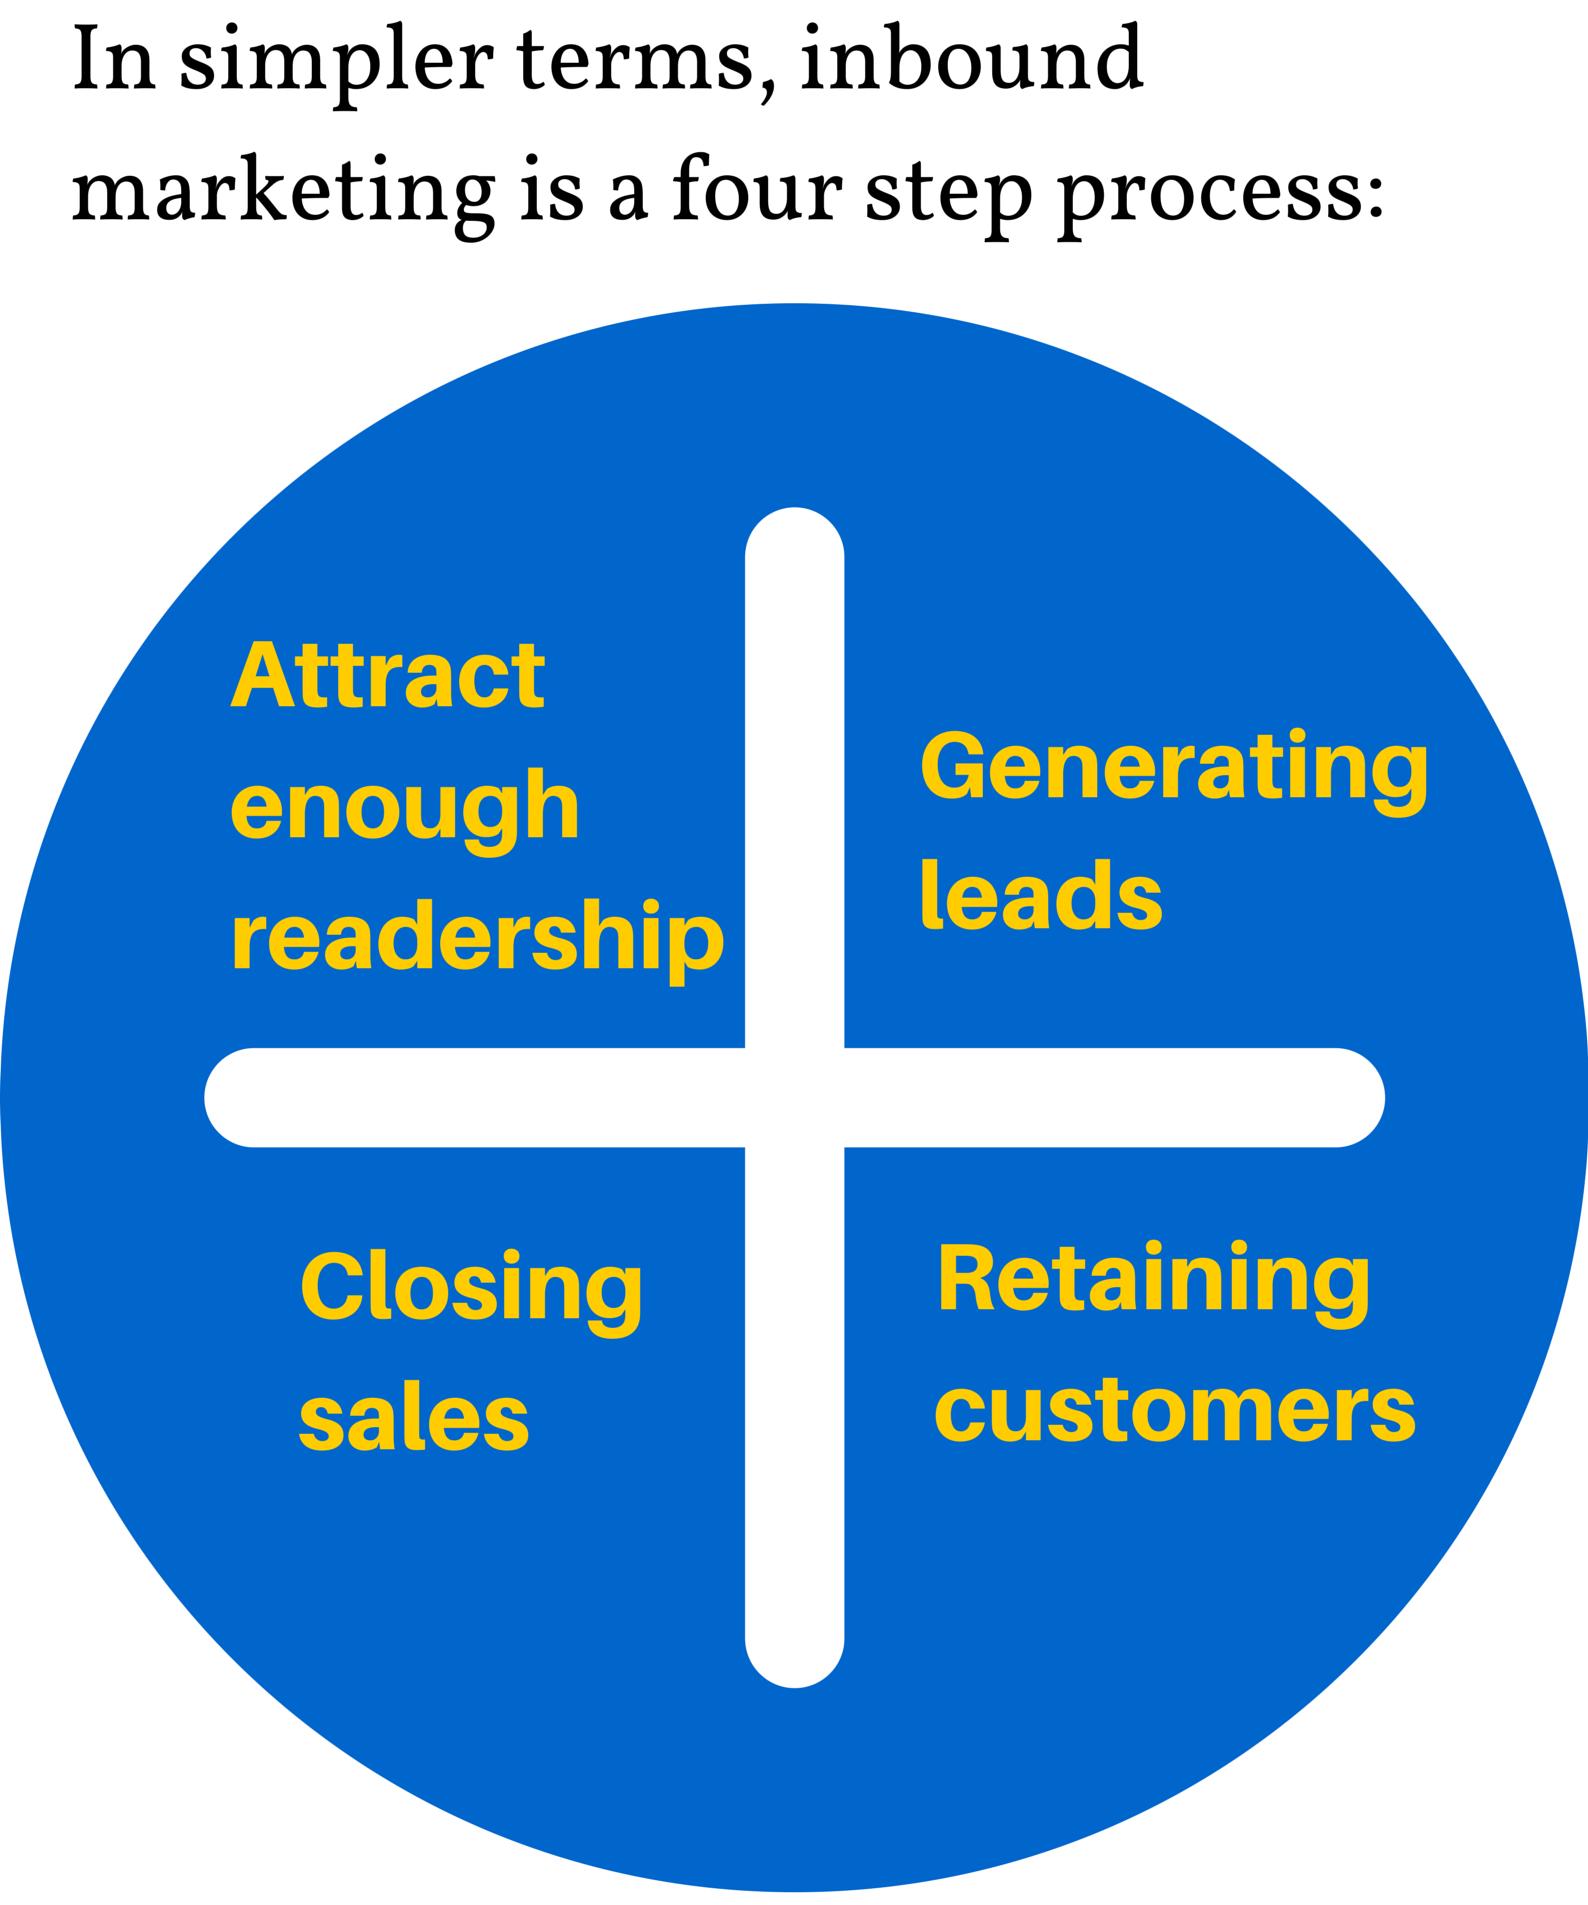 Process of Inbound Marketing